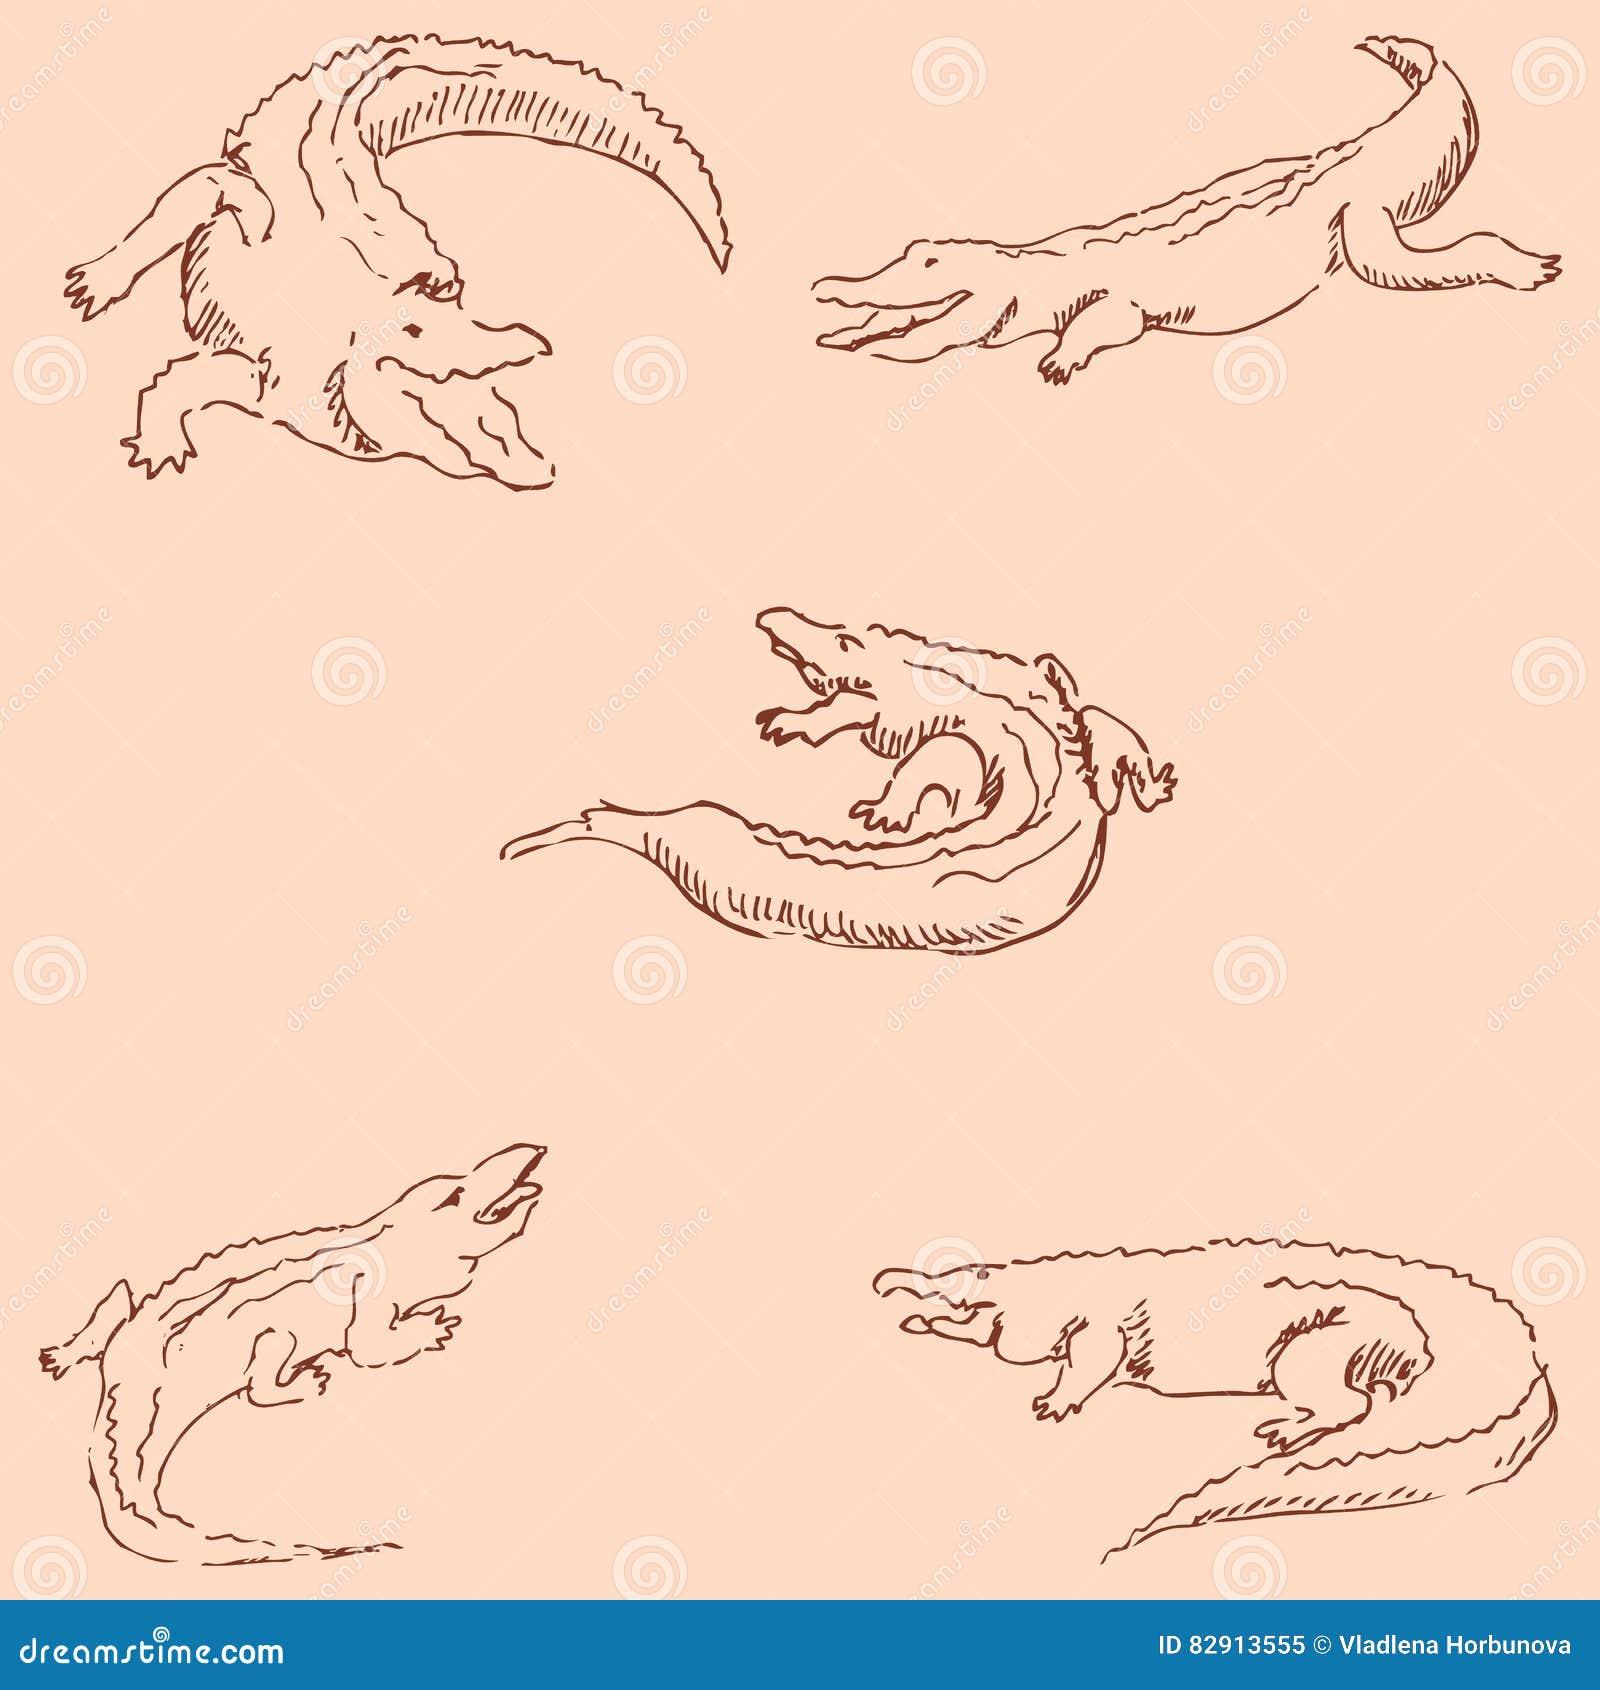 Crocodiles. Sketch pencil. Drawing by hand. Vintage colors. Vector